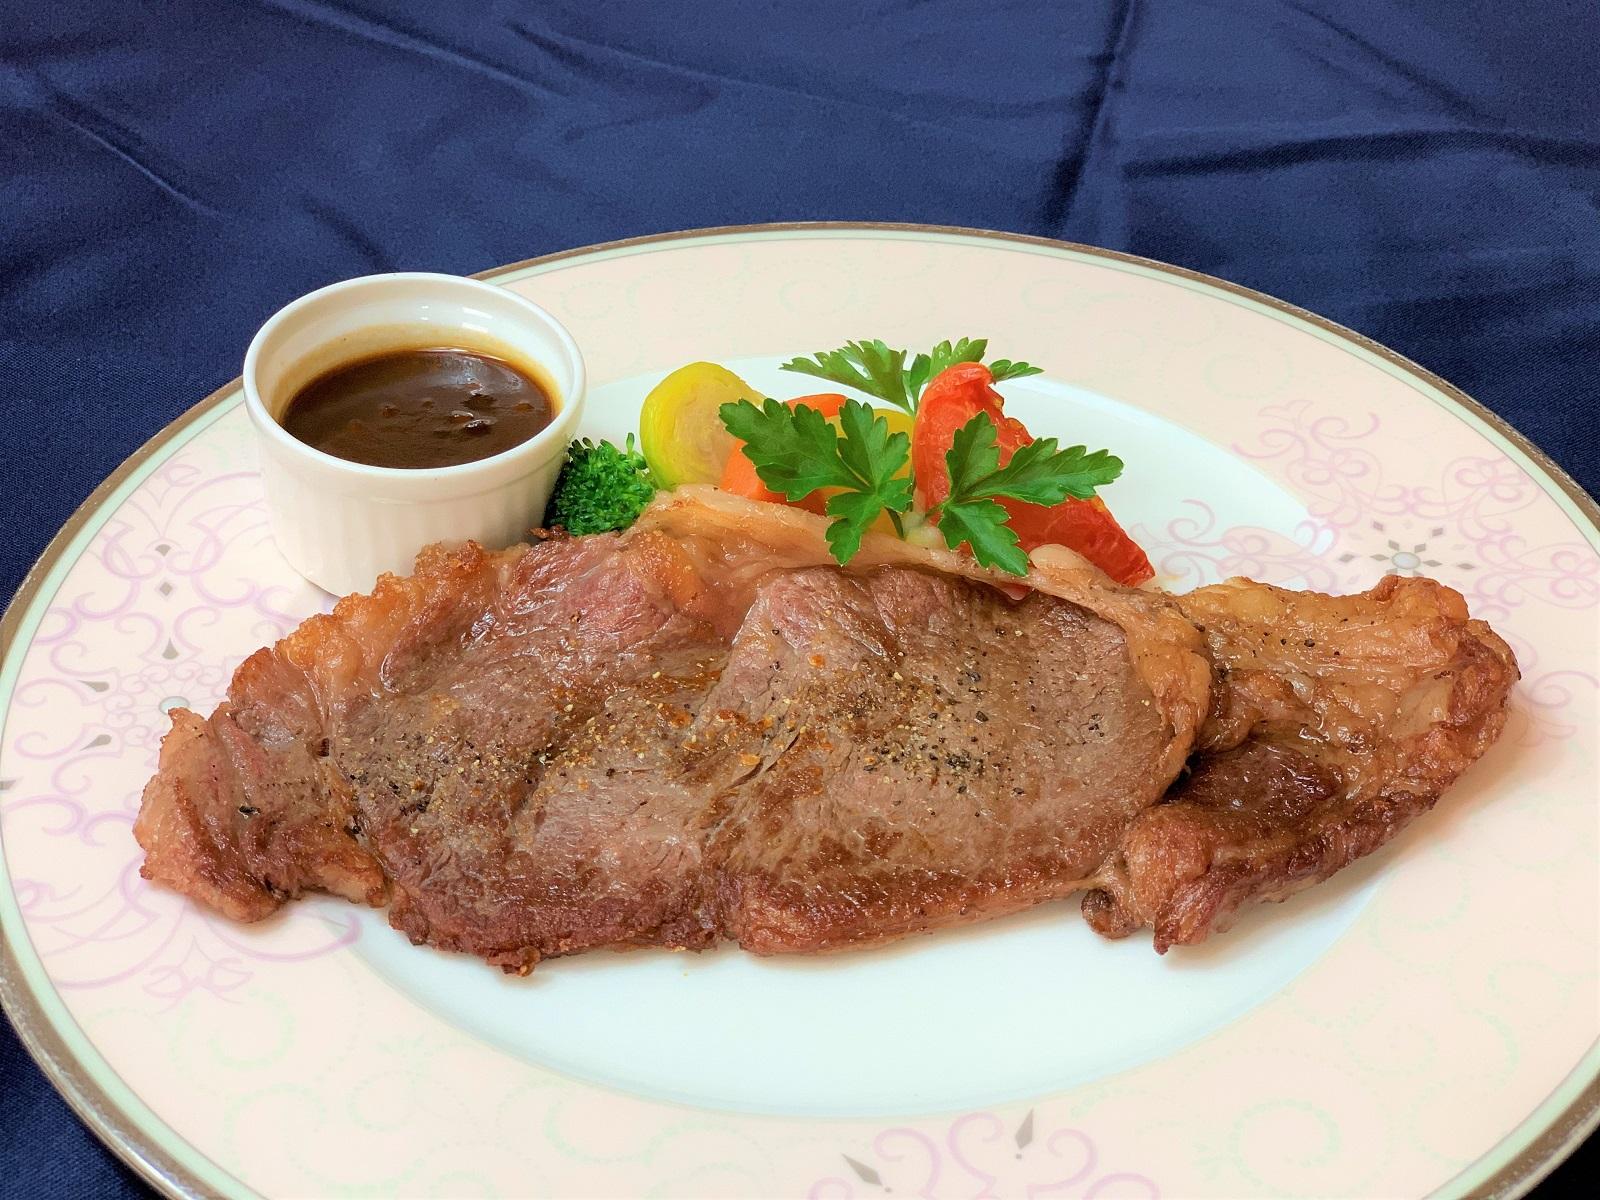 神奈川県産やまゆり牛のステーキ+2,000円